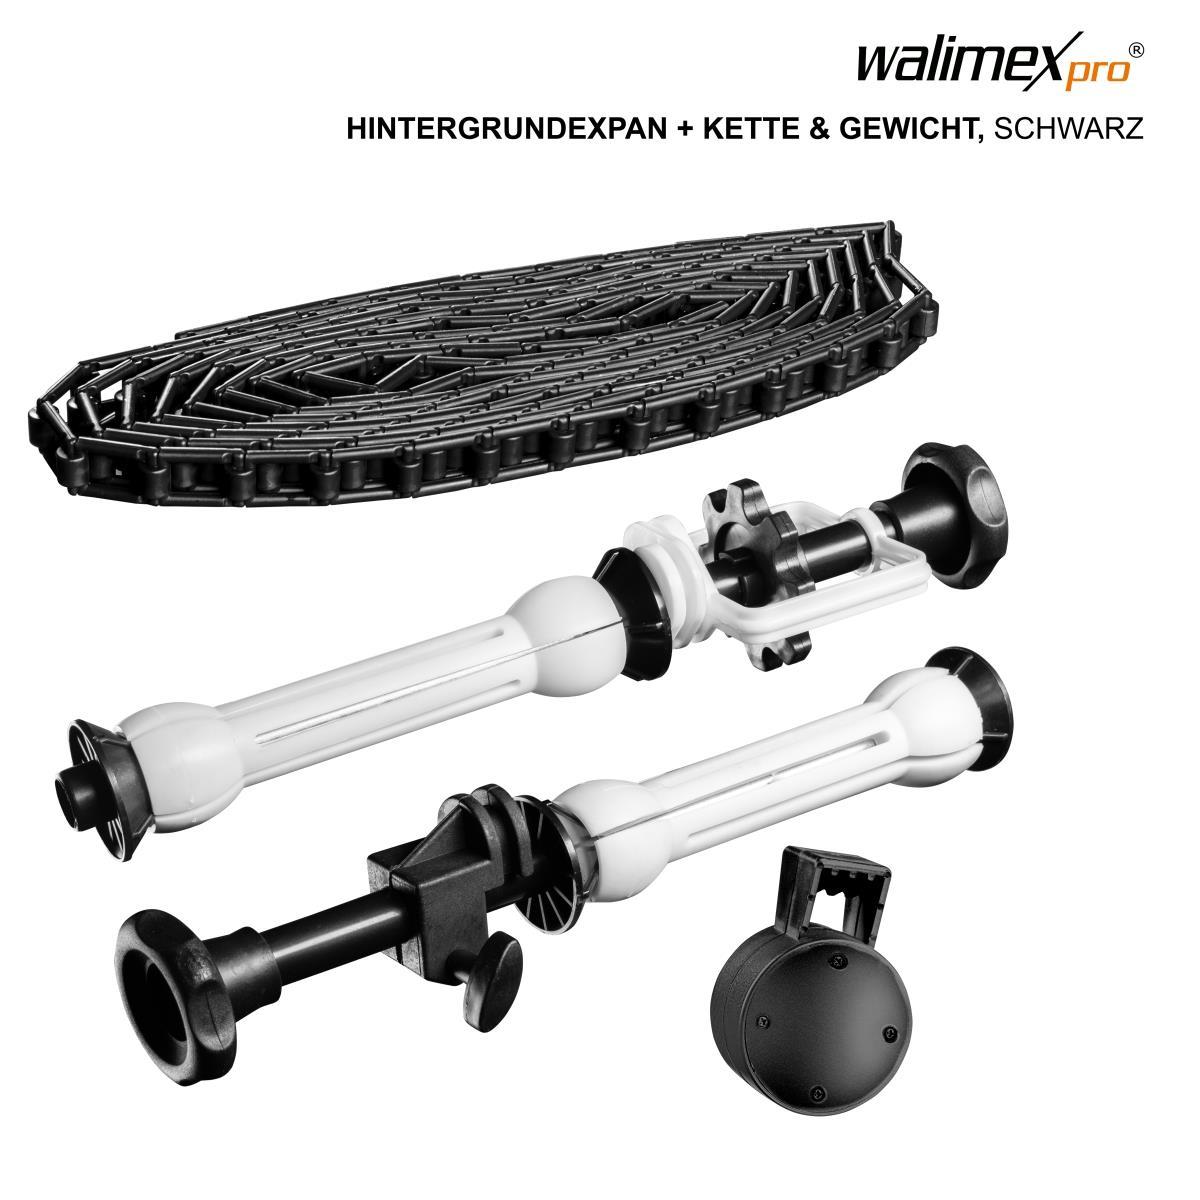 Walimex pro Hintergrundexpan Kette Gewicht schwarz